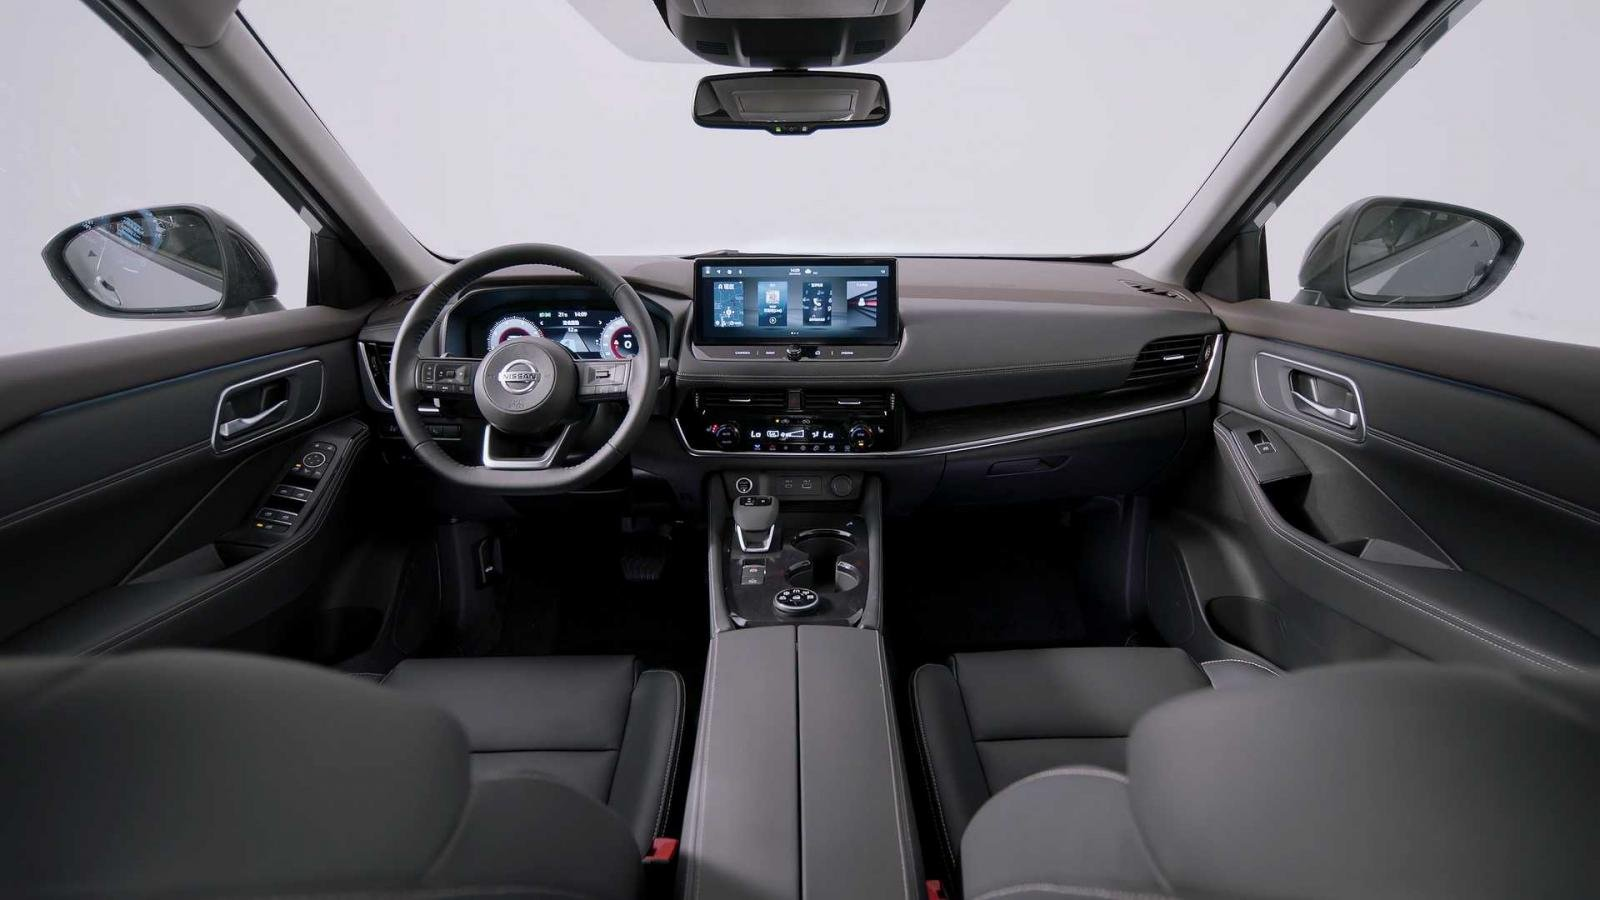 [Auto Shanghai 2021] Nissan X-Trail 2022 hứa hẹn mang đến trải nghiệm hoàn toàn mới.